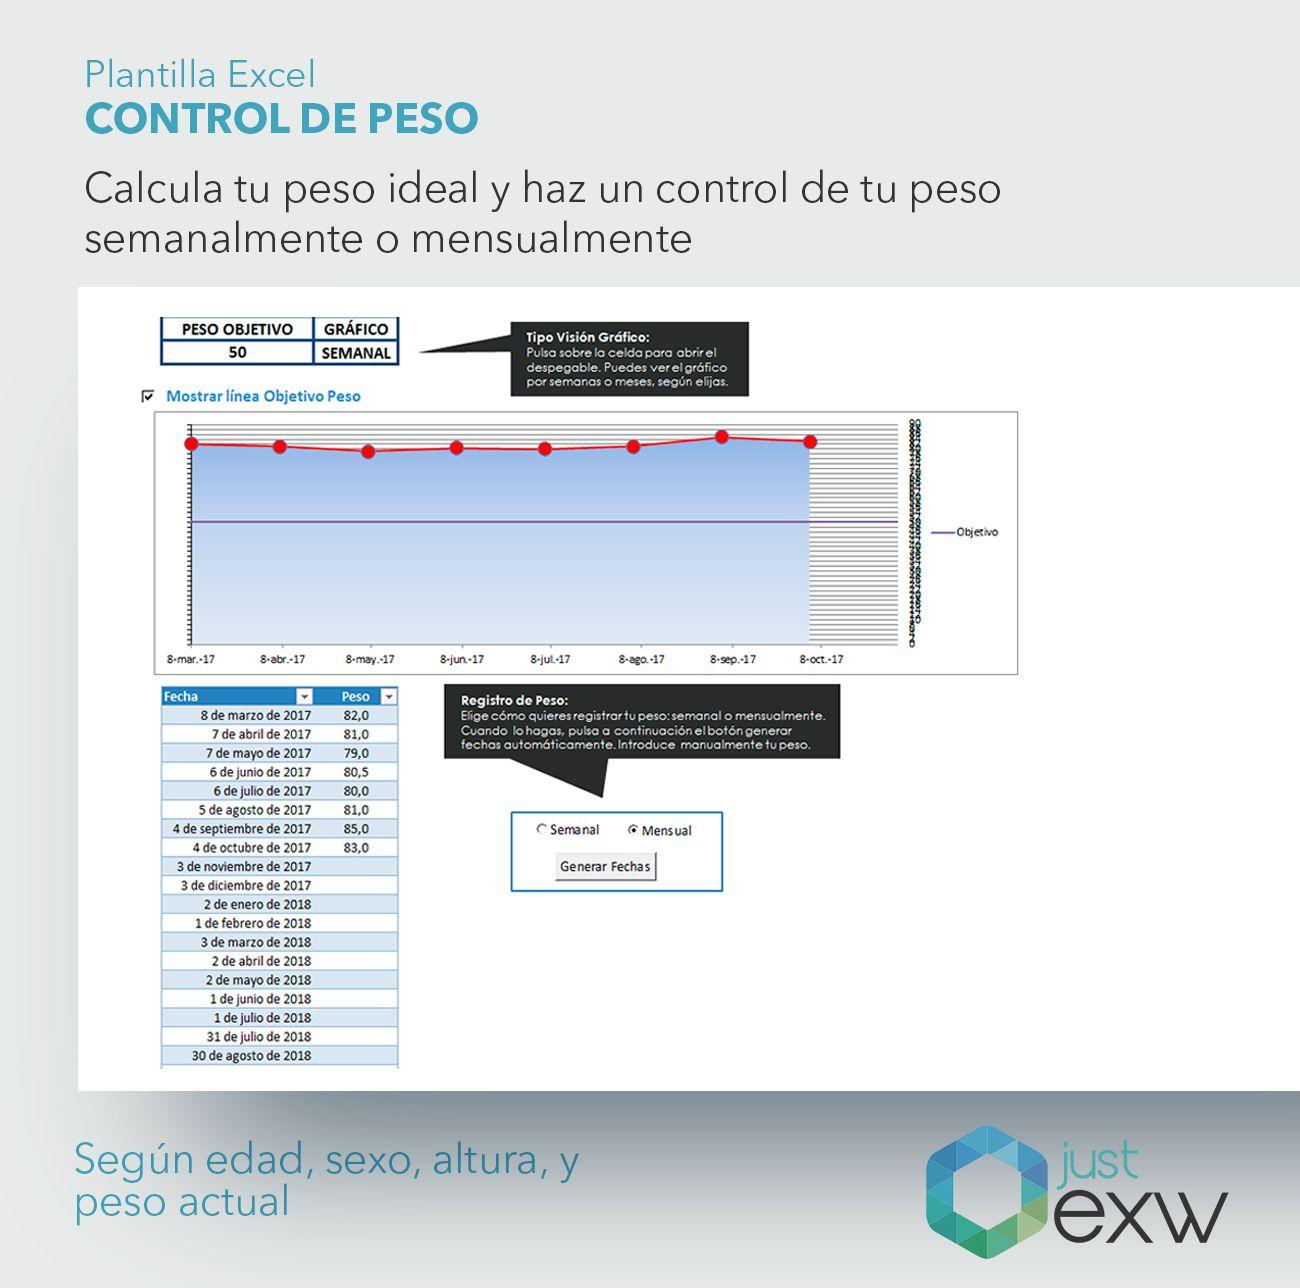 Plantilla Premium Cálculo Peso Ideal y Control de Peso